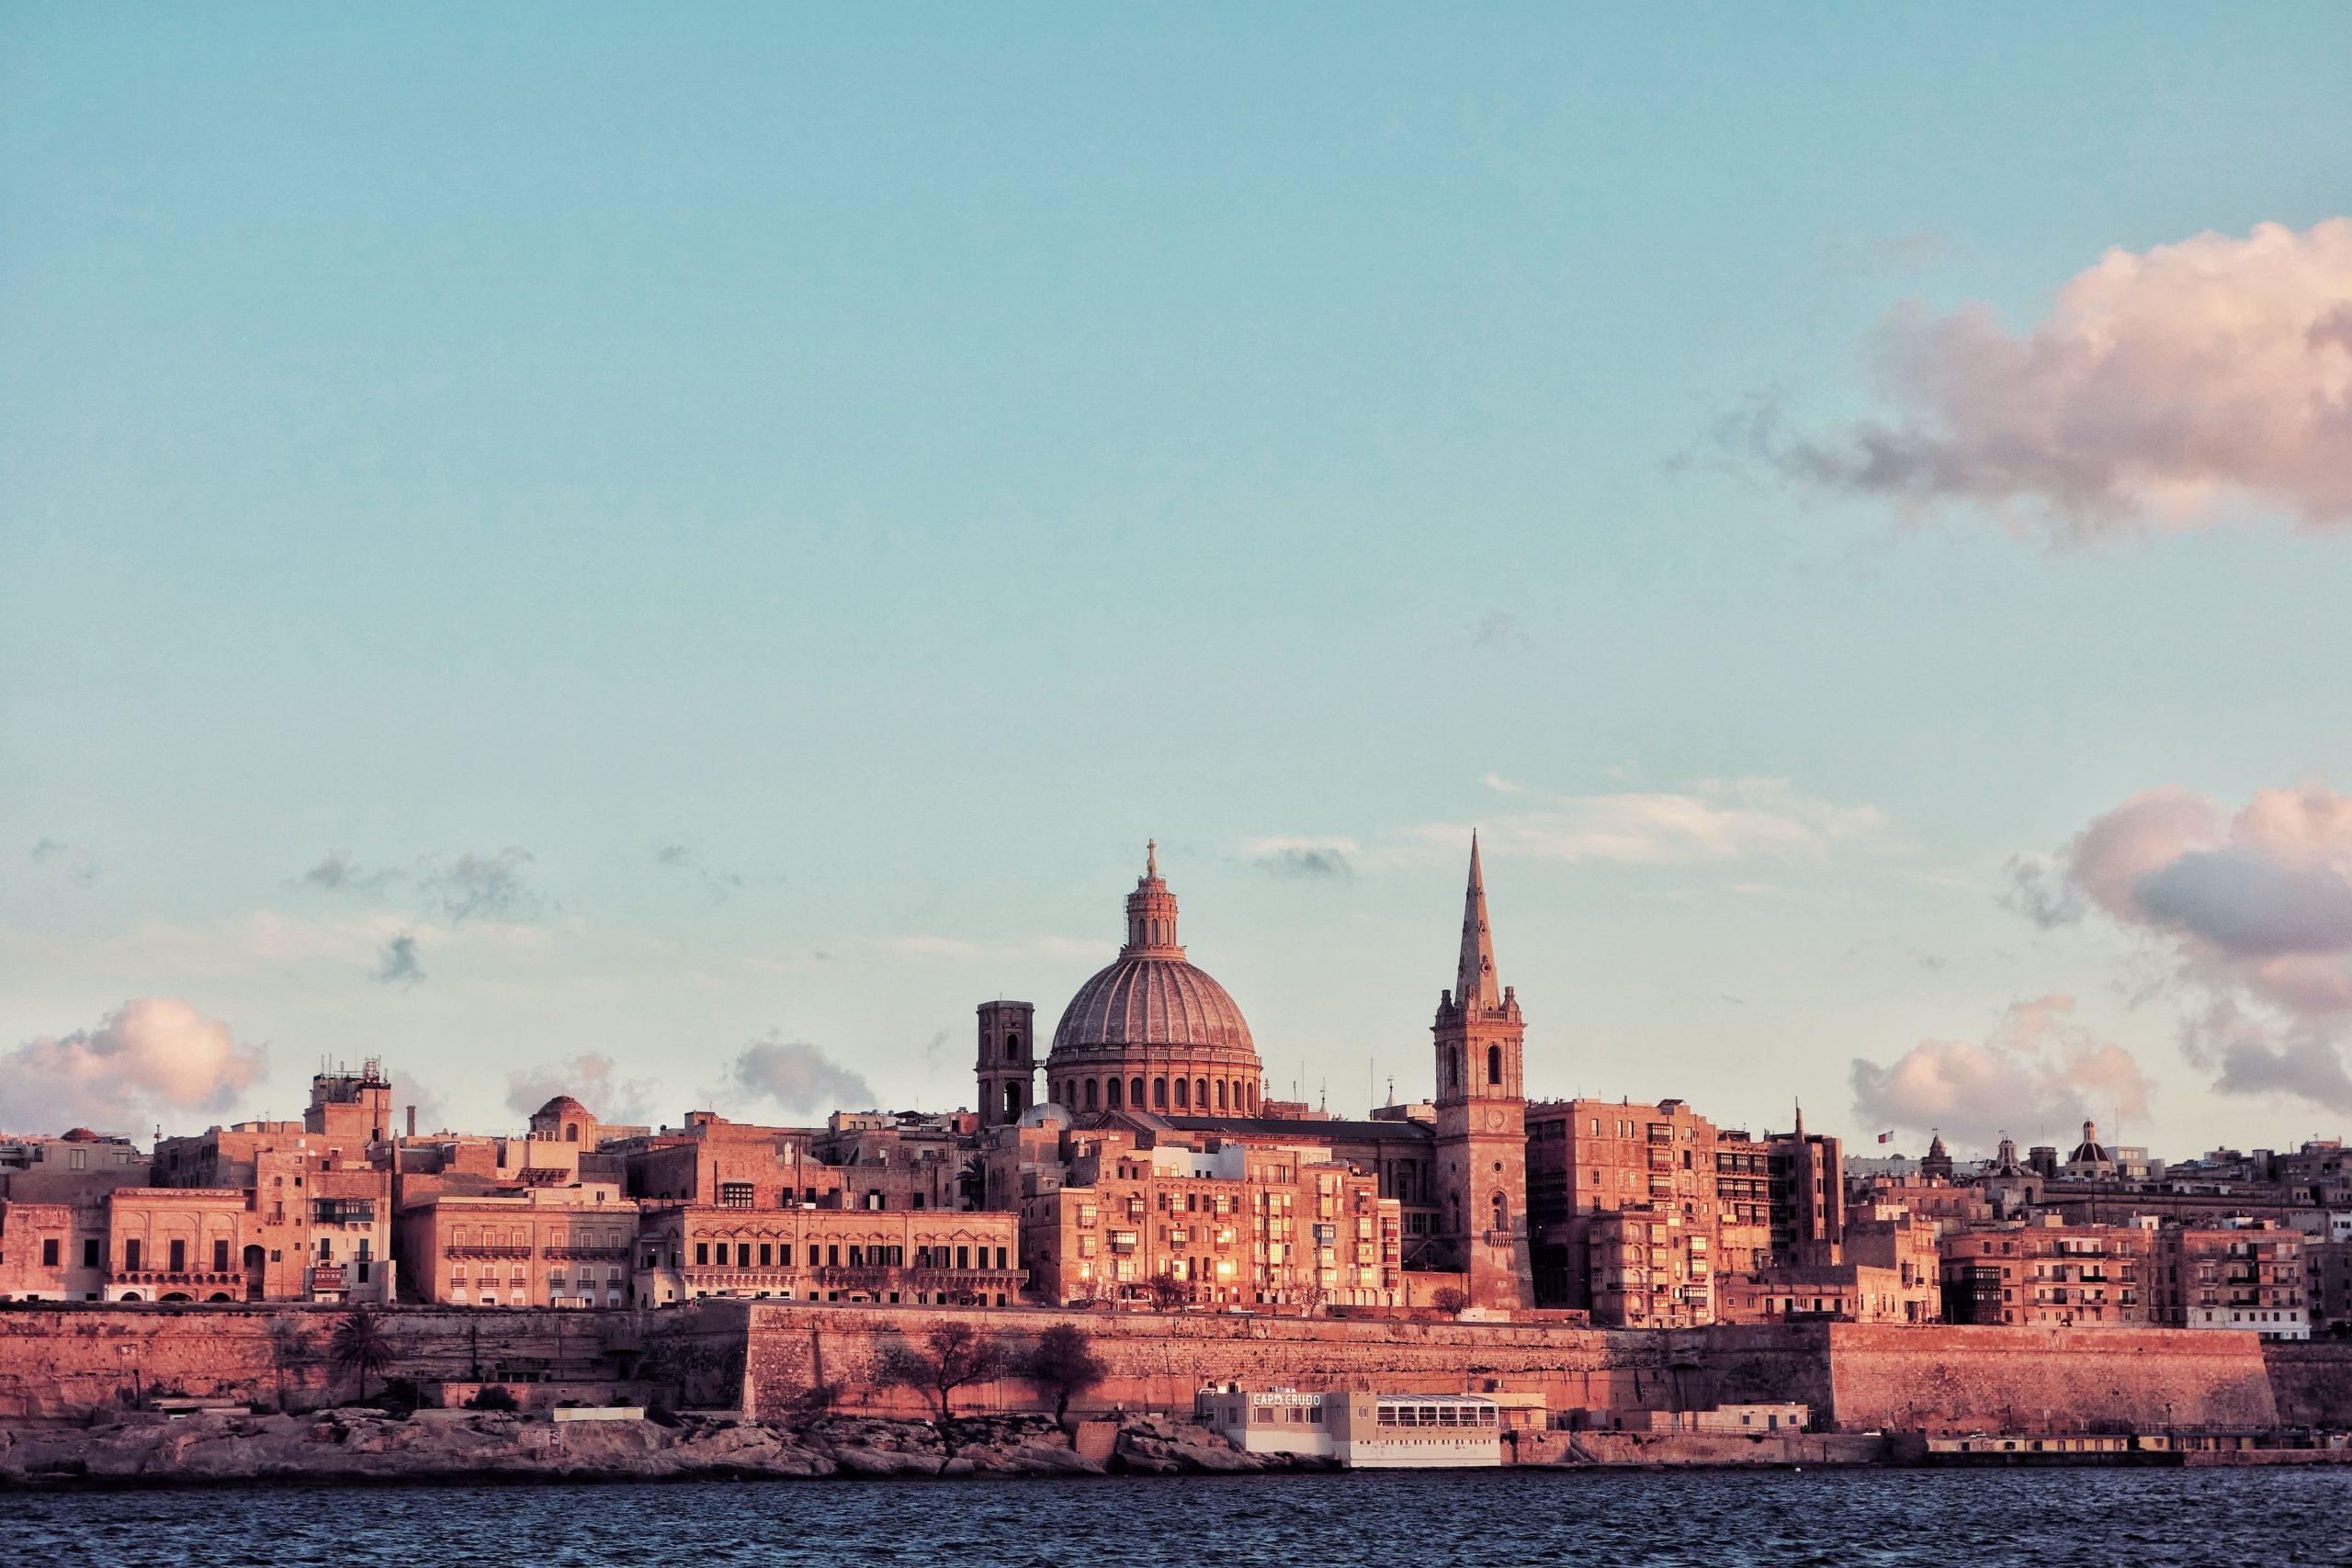 ПМЖ на Мальте через инвестиции в недвижимость